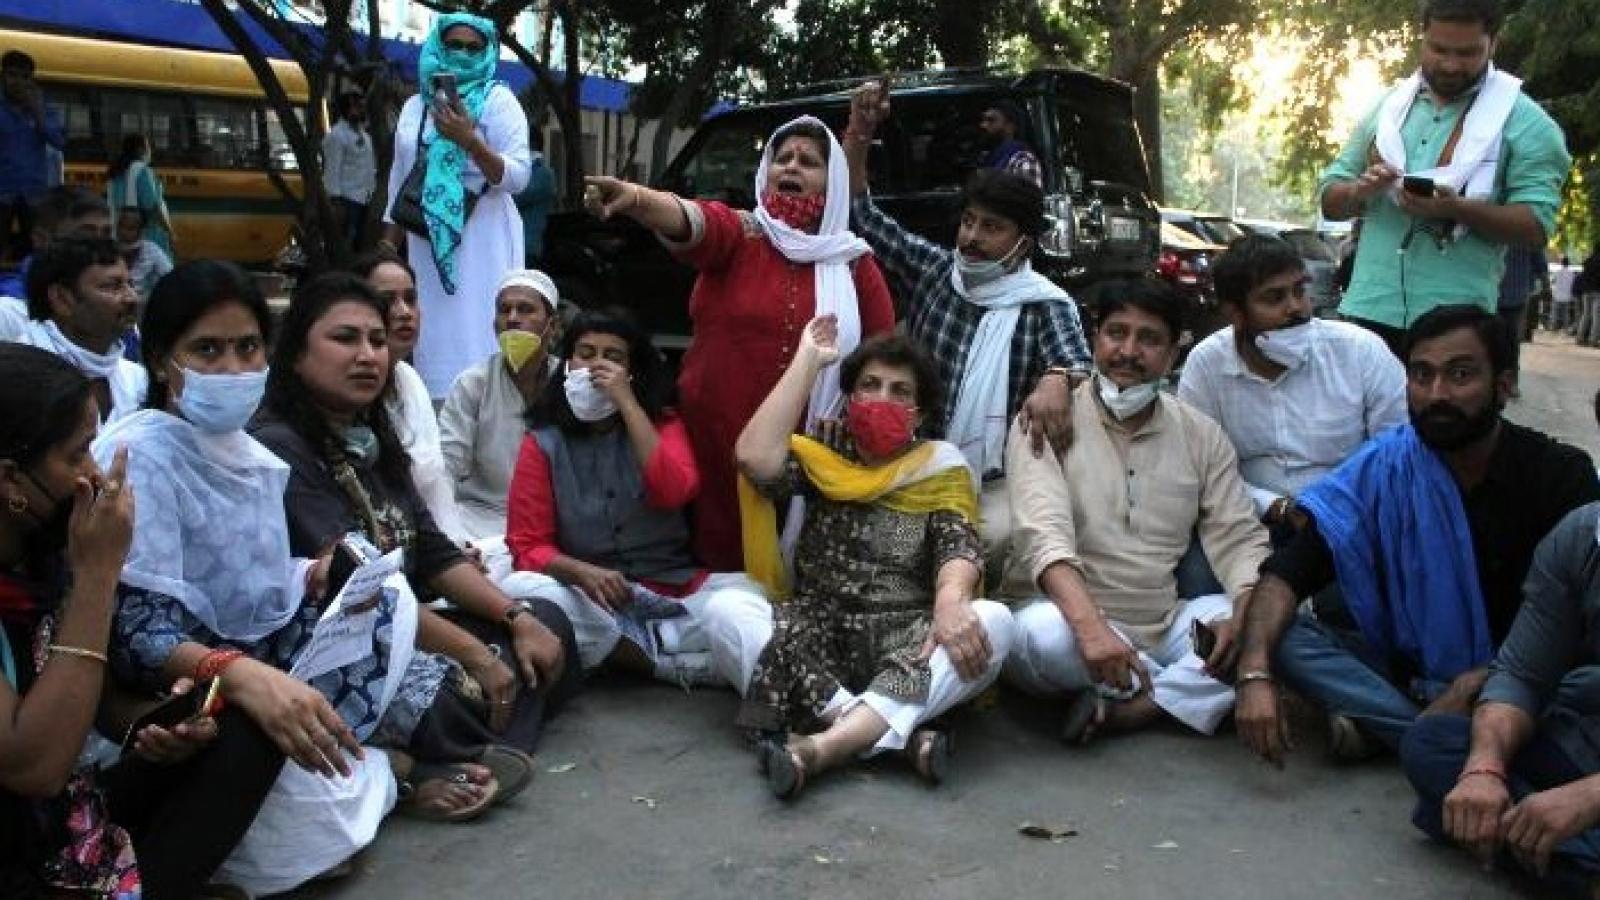 Phẫn nộ vụ cô gái trẻ Ấn Độ bị những kẻ đẳng cấp trên hiếp dâm tập thể và giết chết